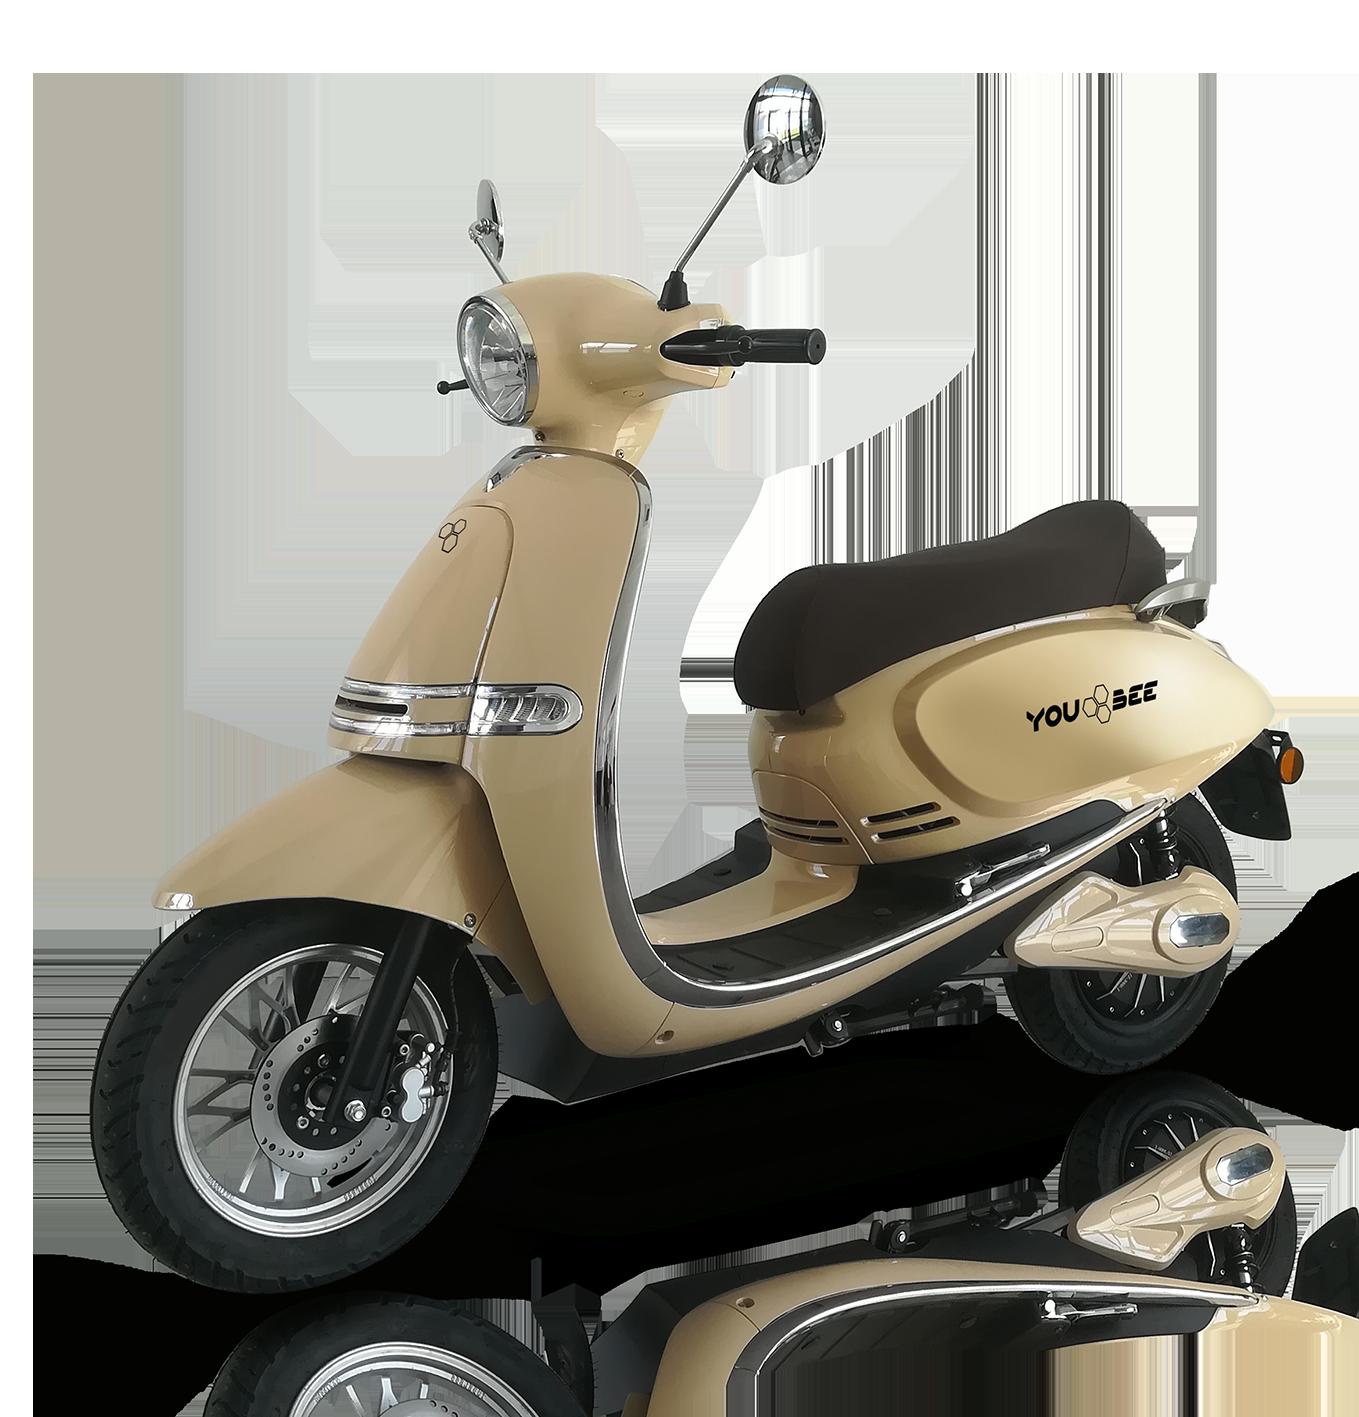 Scooter électrique, YouBee Motors, Héritage 50, à partir de 2450€